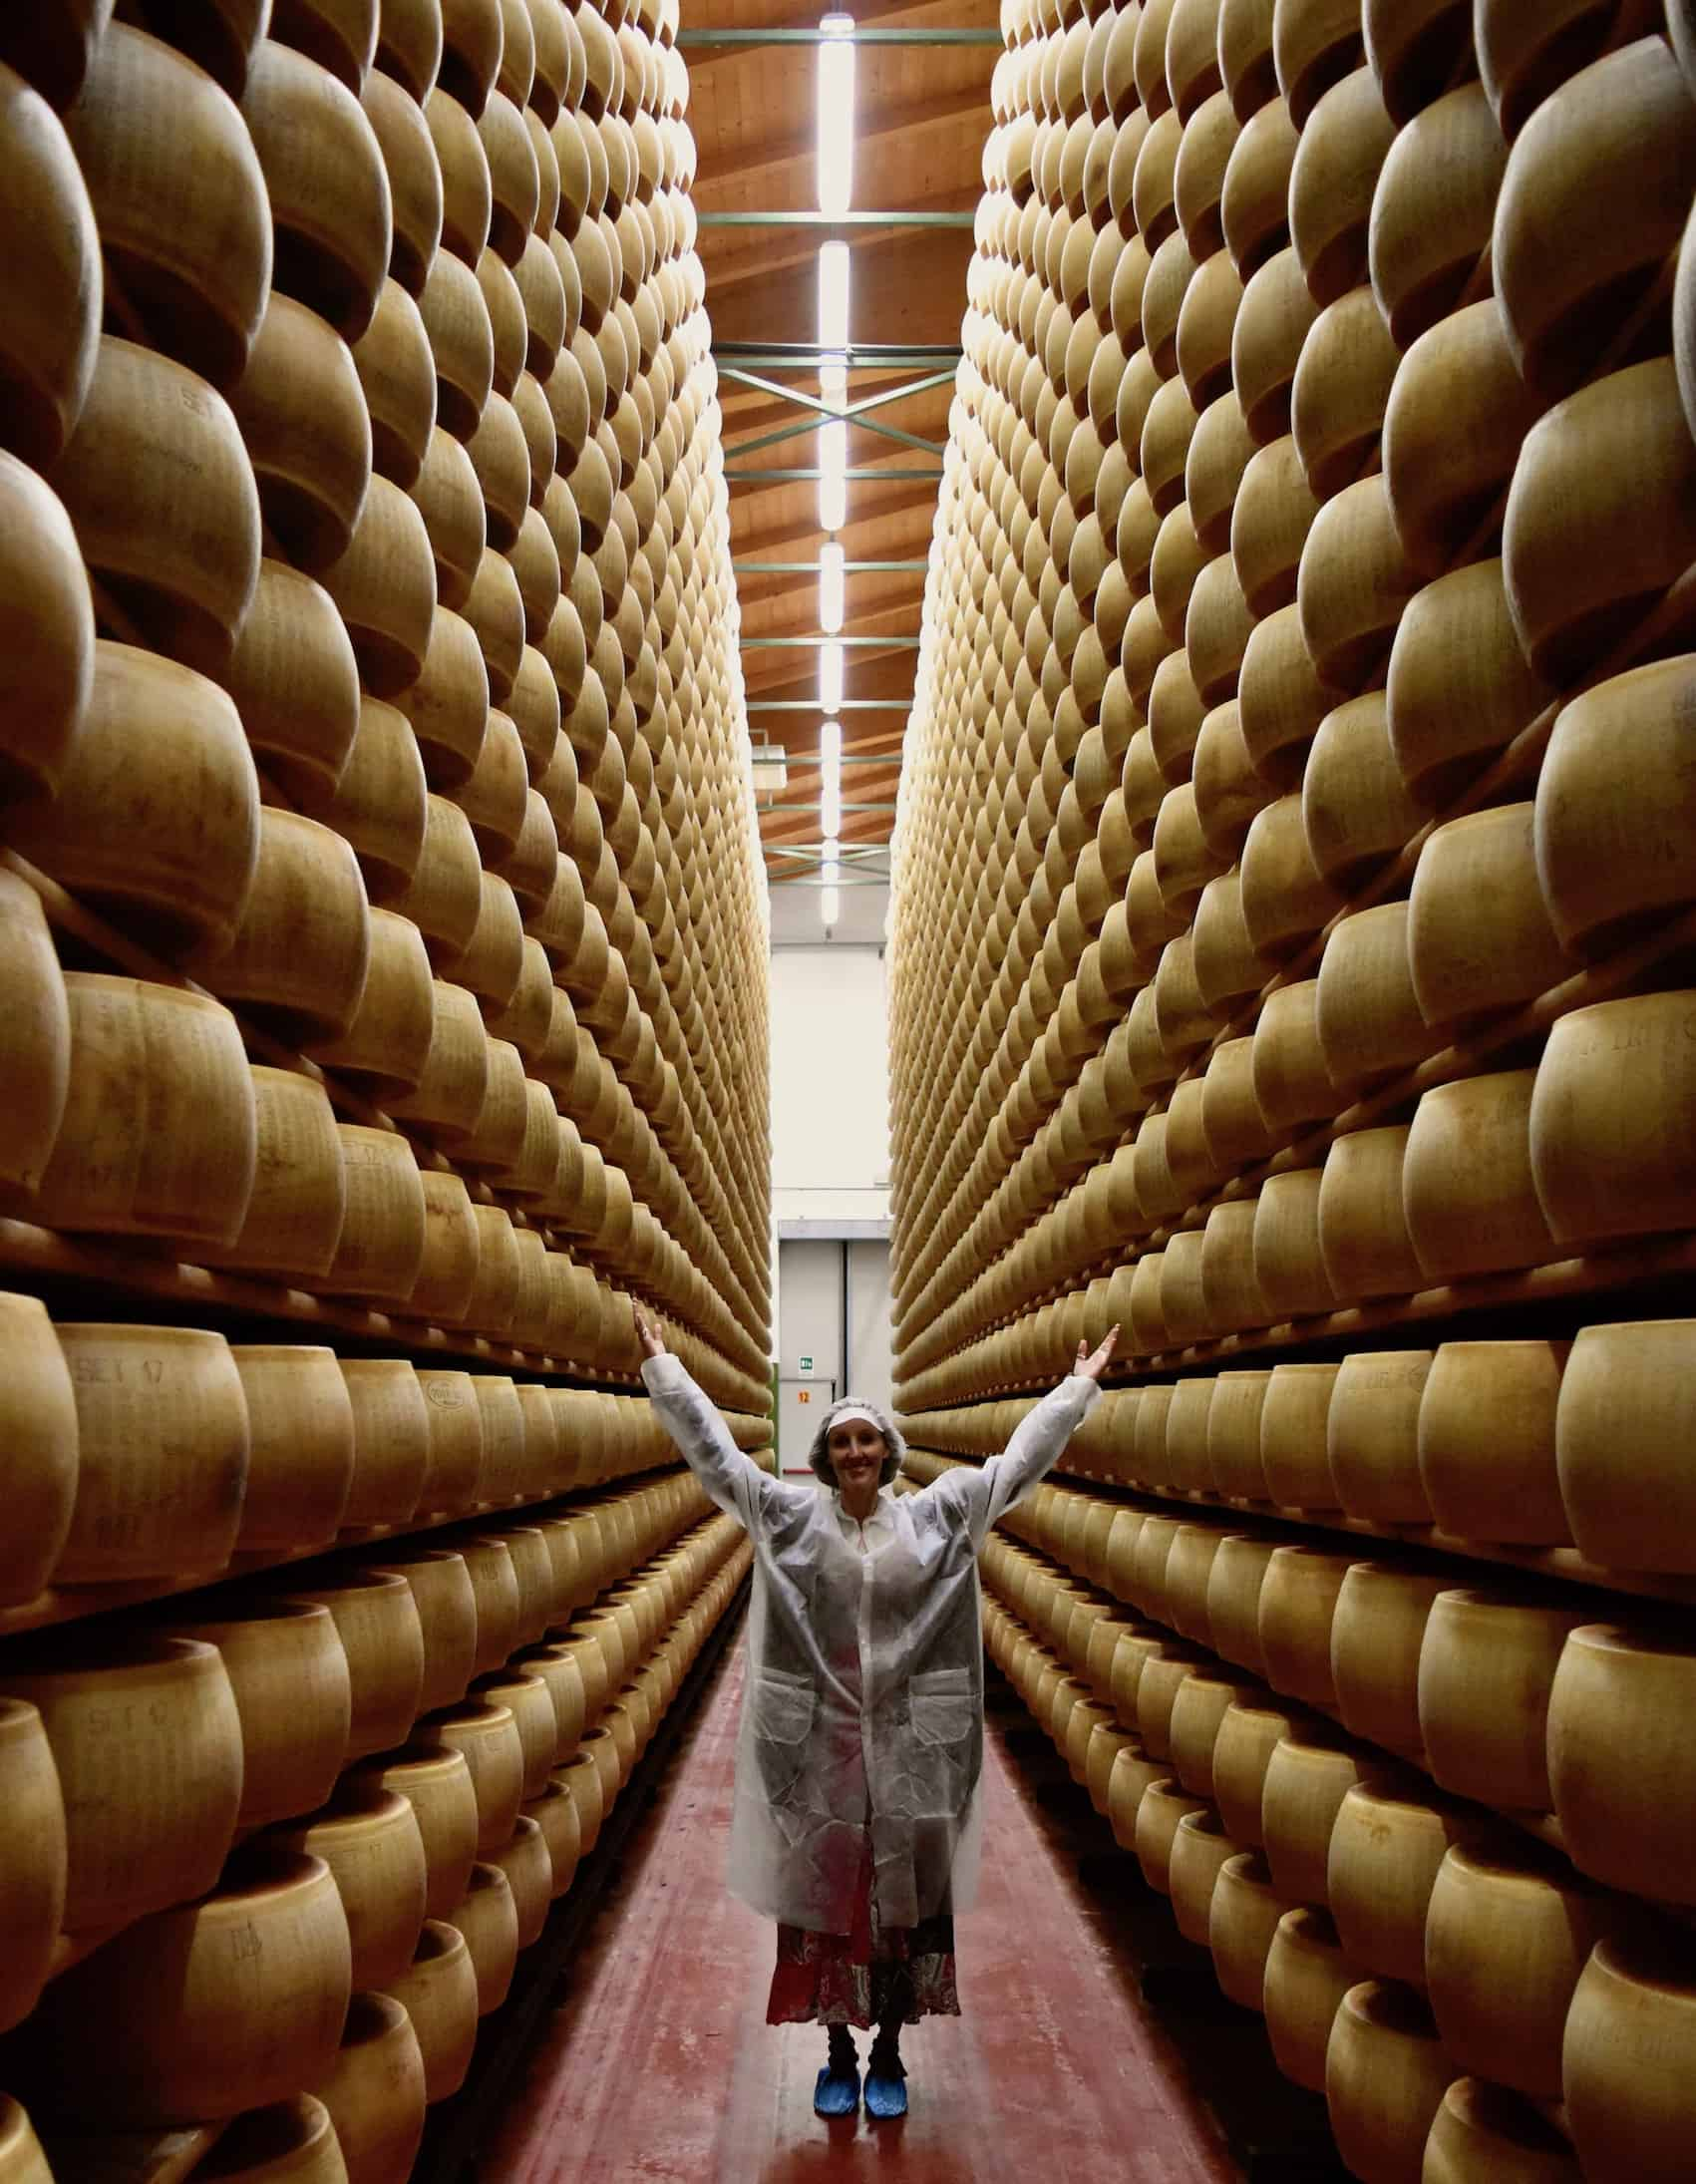 A corridor of cheese in Emilia Romagna